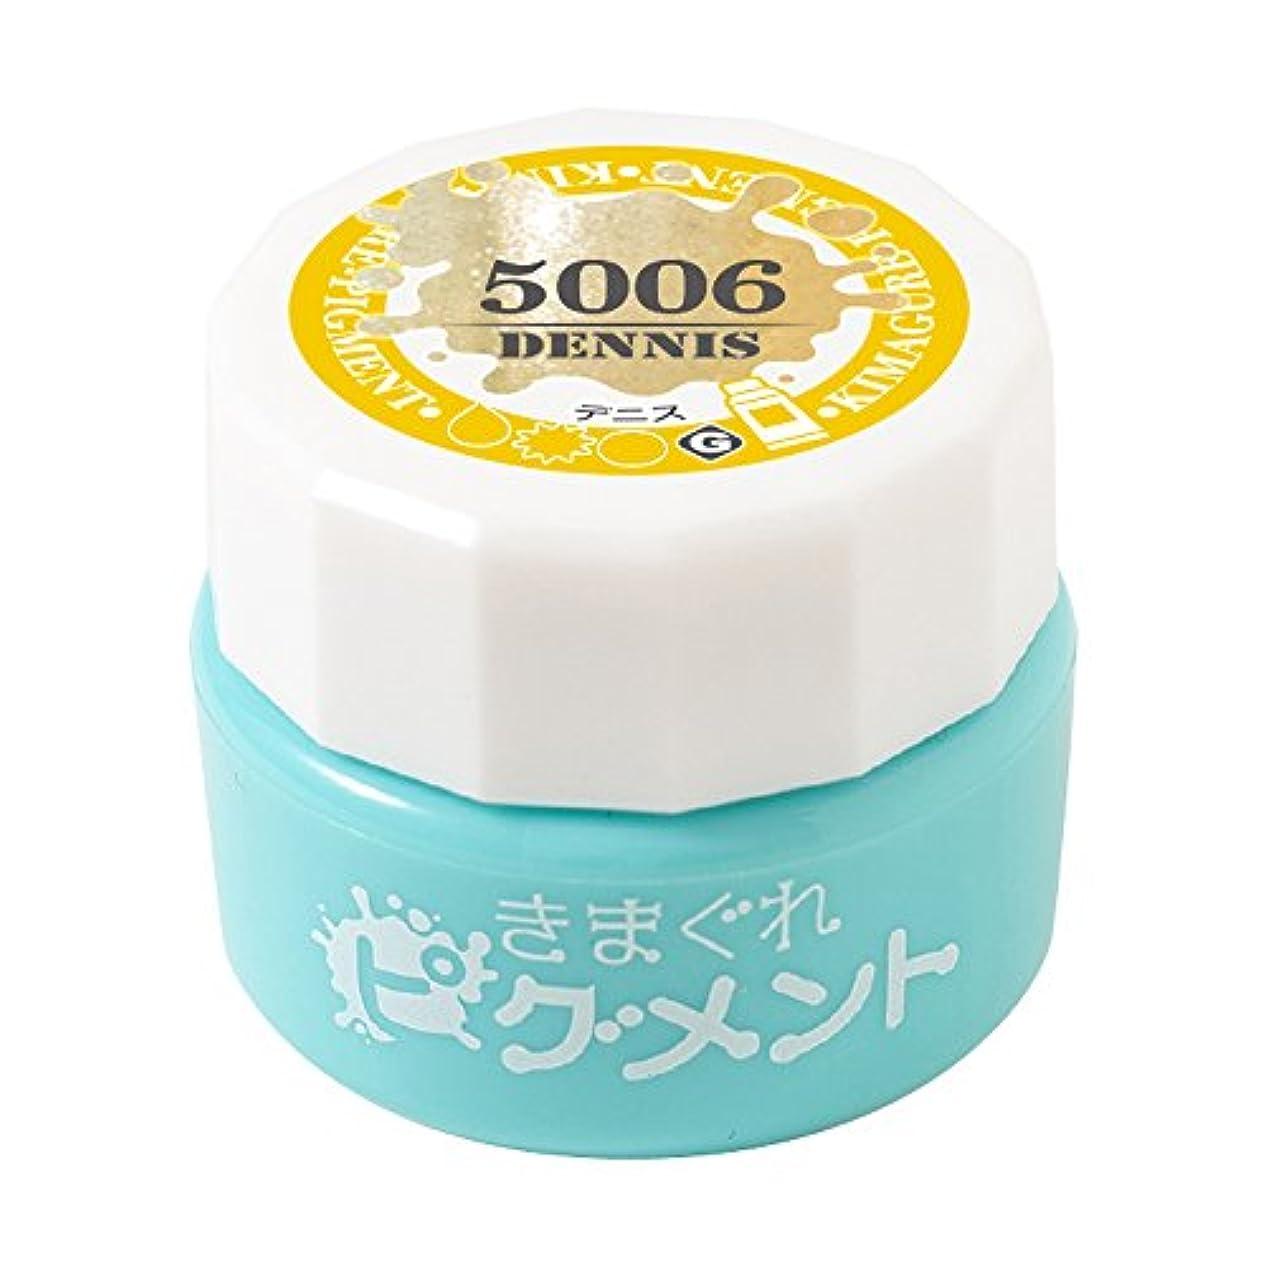 別のネットお風呂Bettygel きまぐれピグメント デニス QYJ-5006 4g UV/LED対応